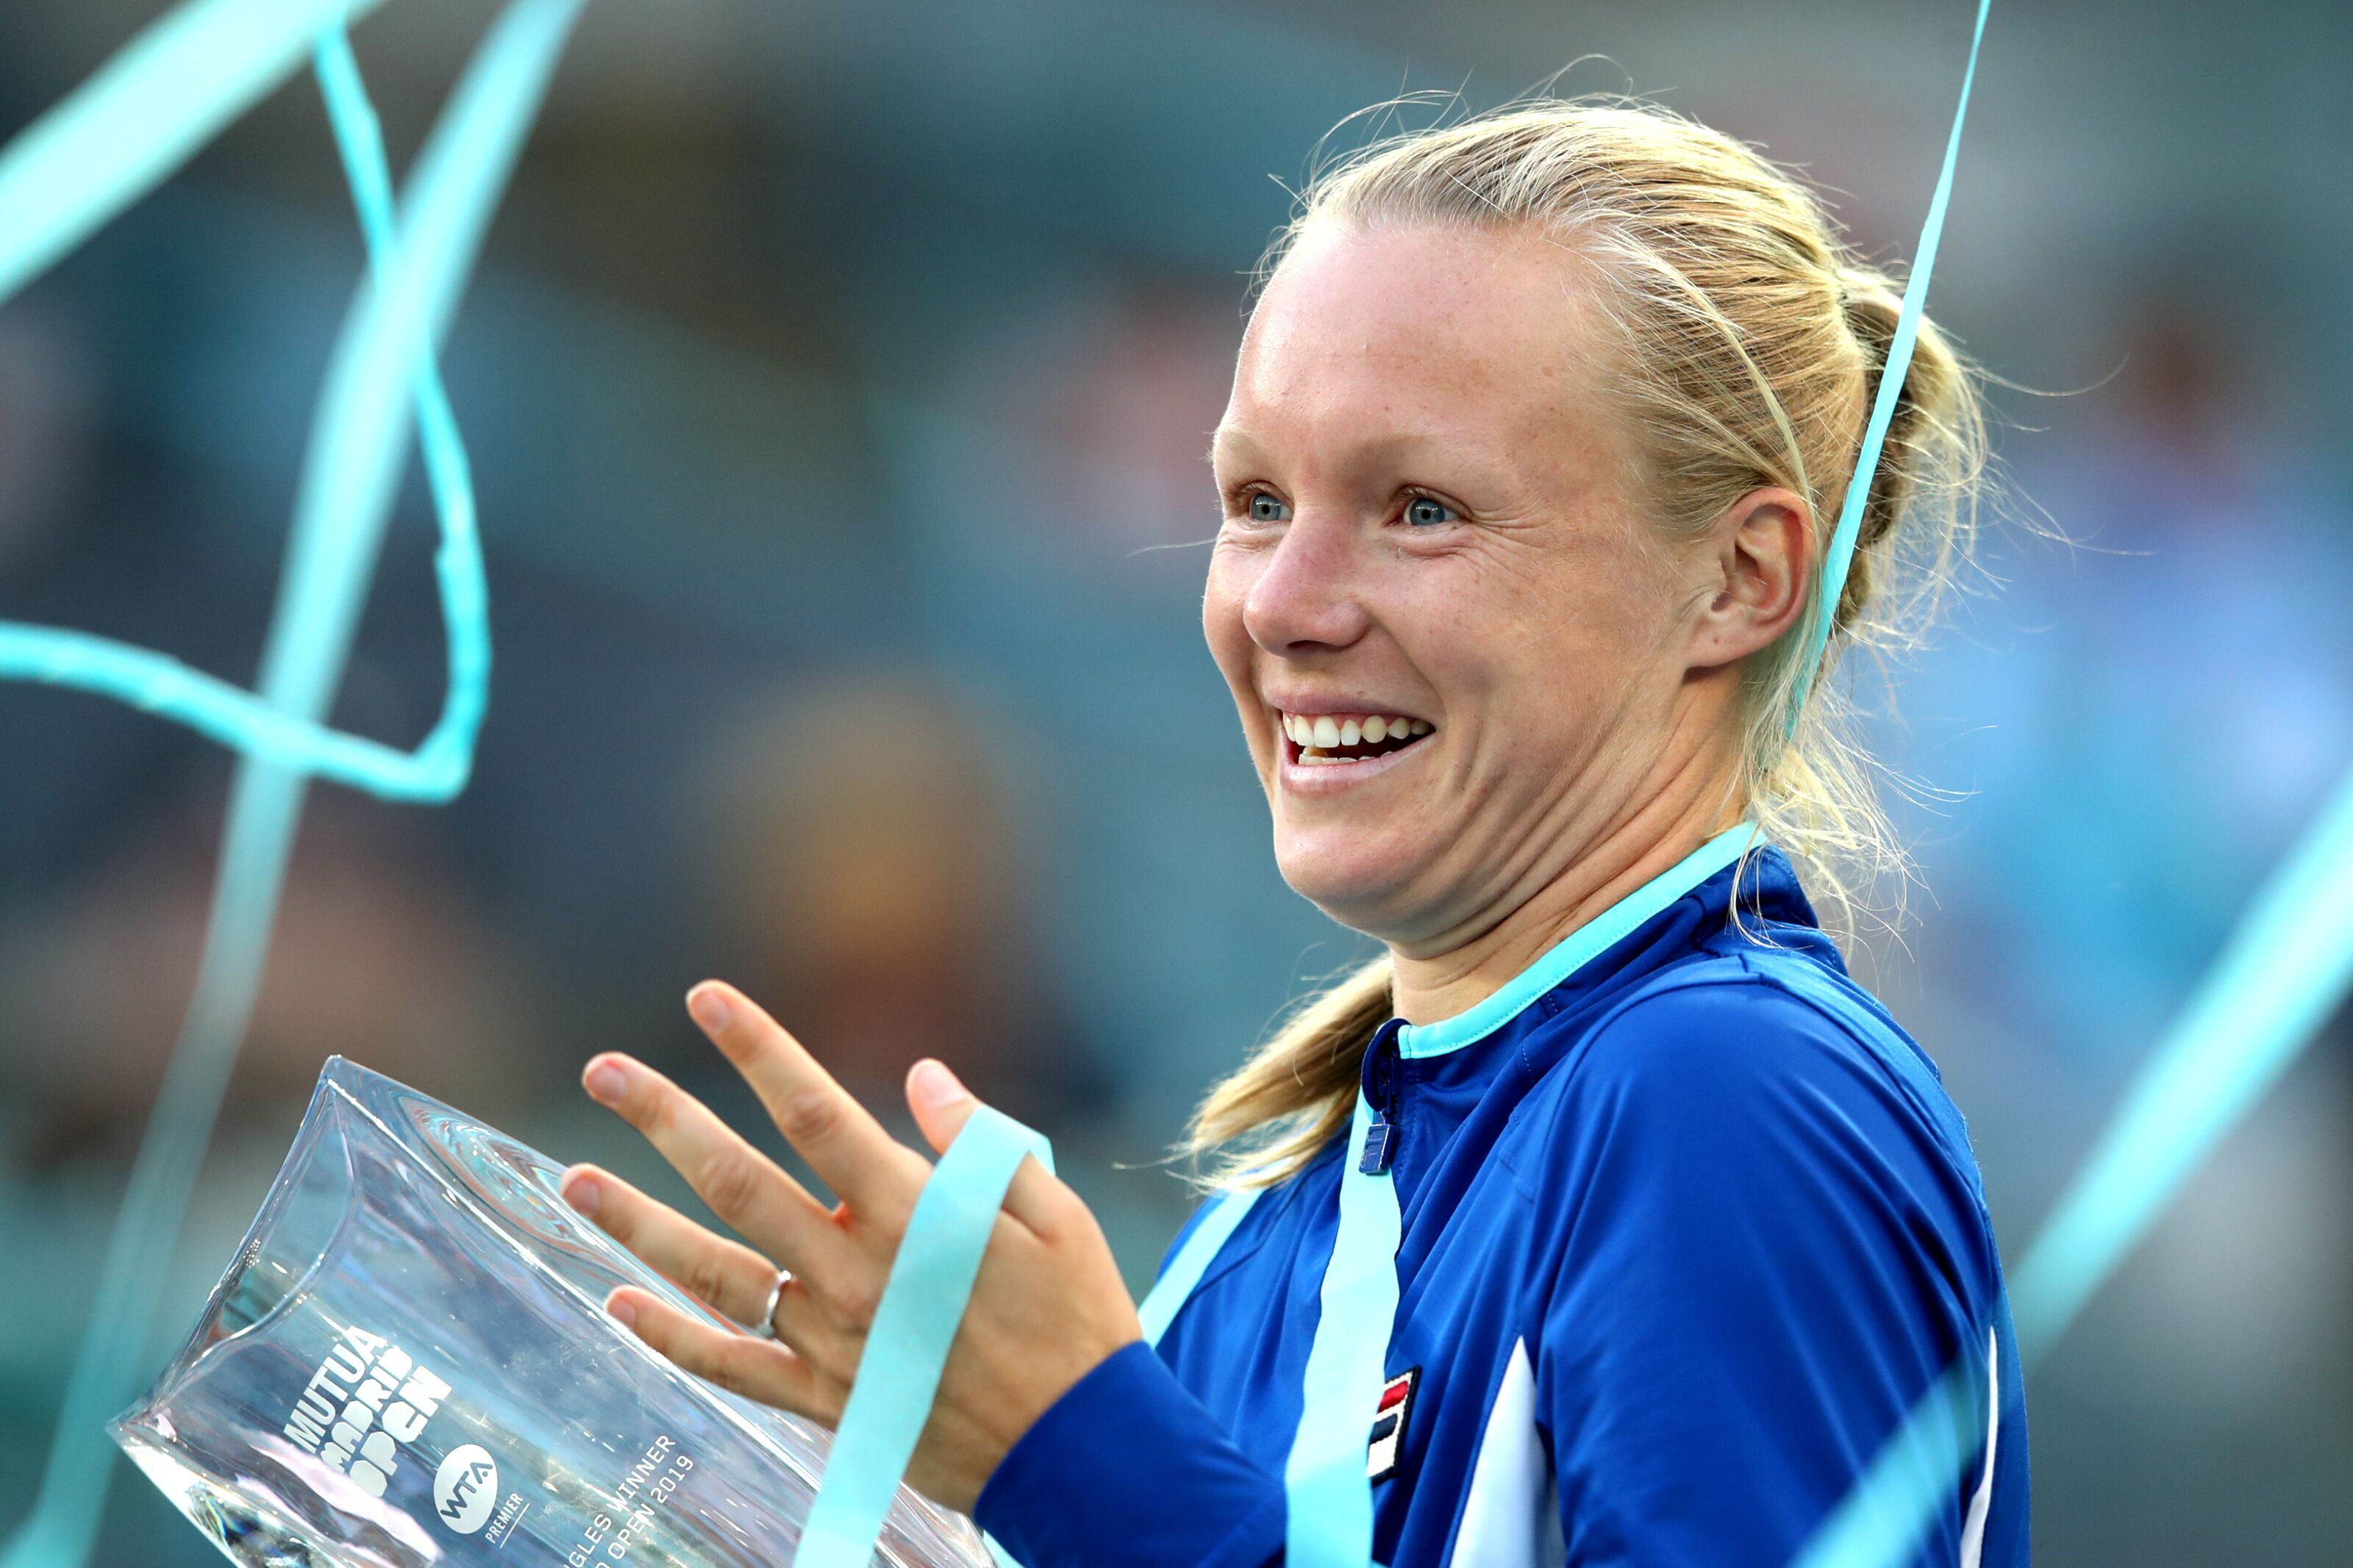 Kiki Bertens is an undoubted force following Madrid Open win